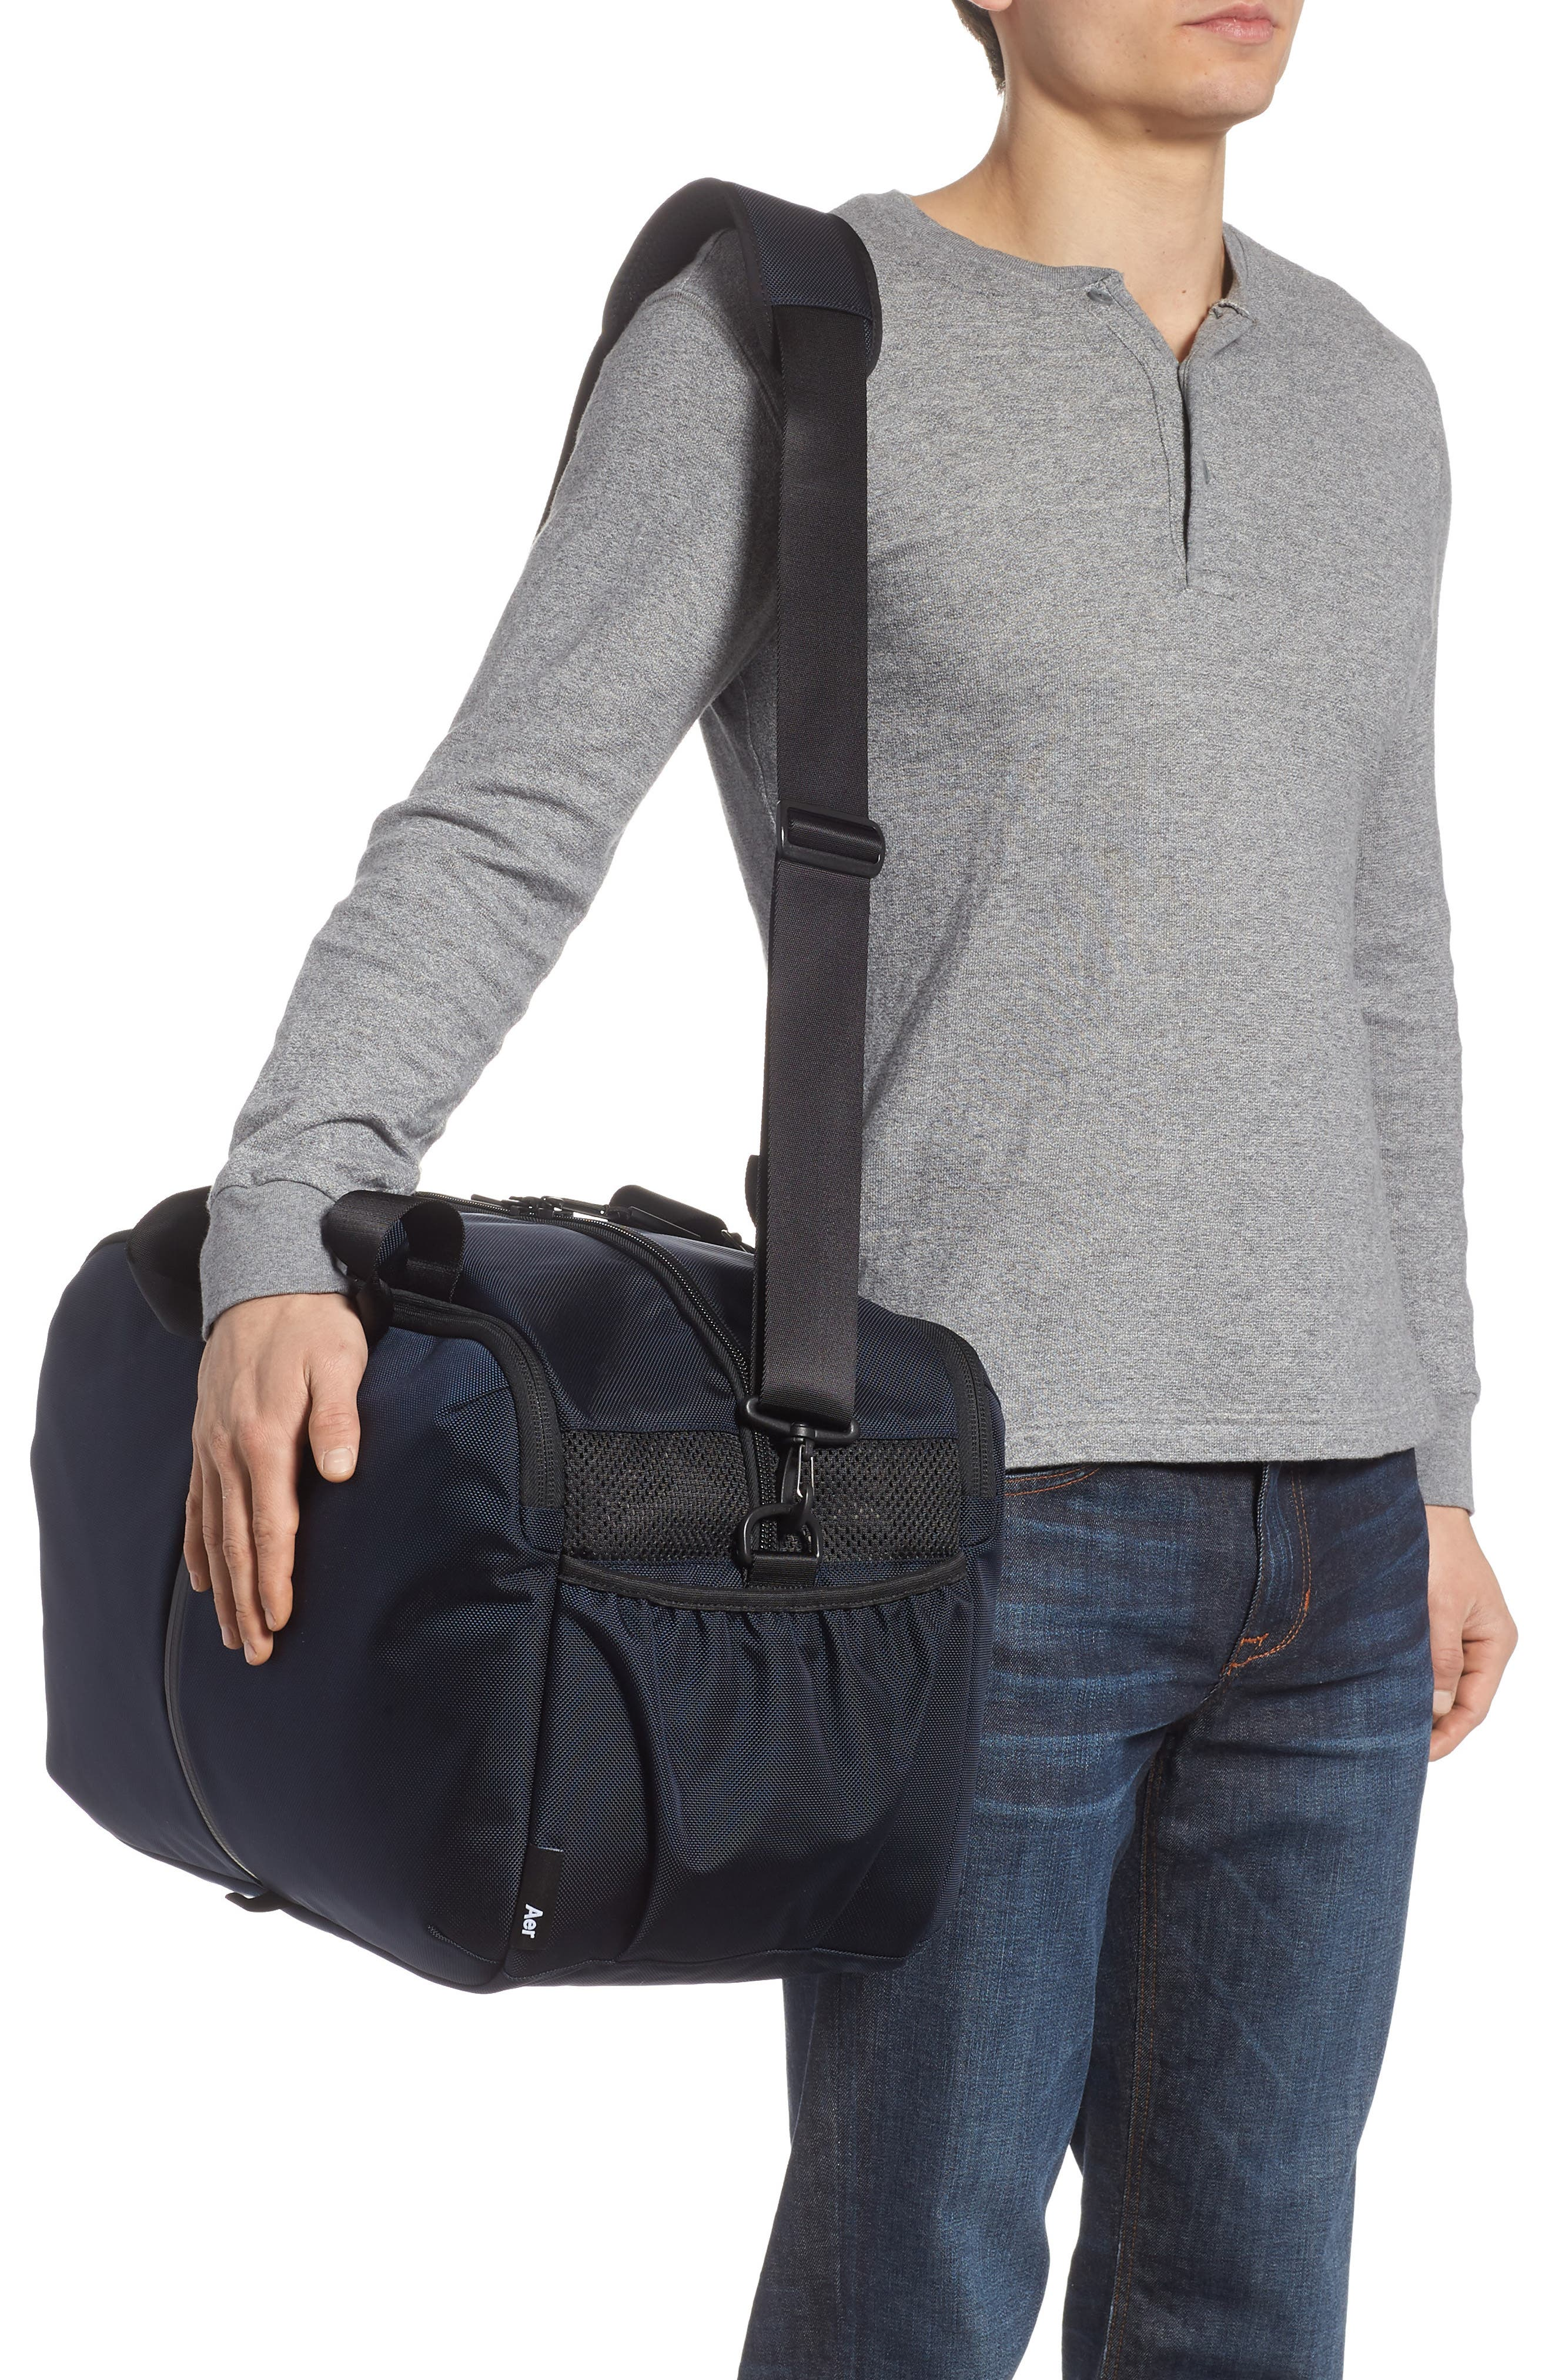 Alternate Image 2  - Aer Gym Duffel 2 Duffel Bag